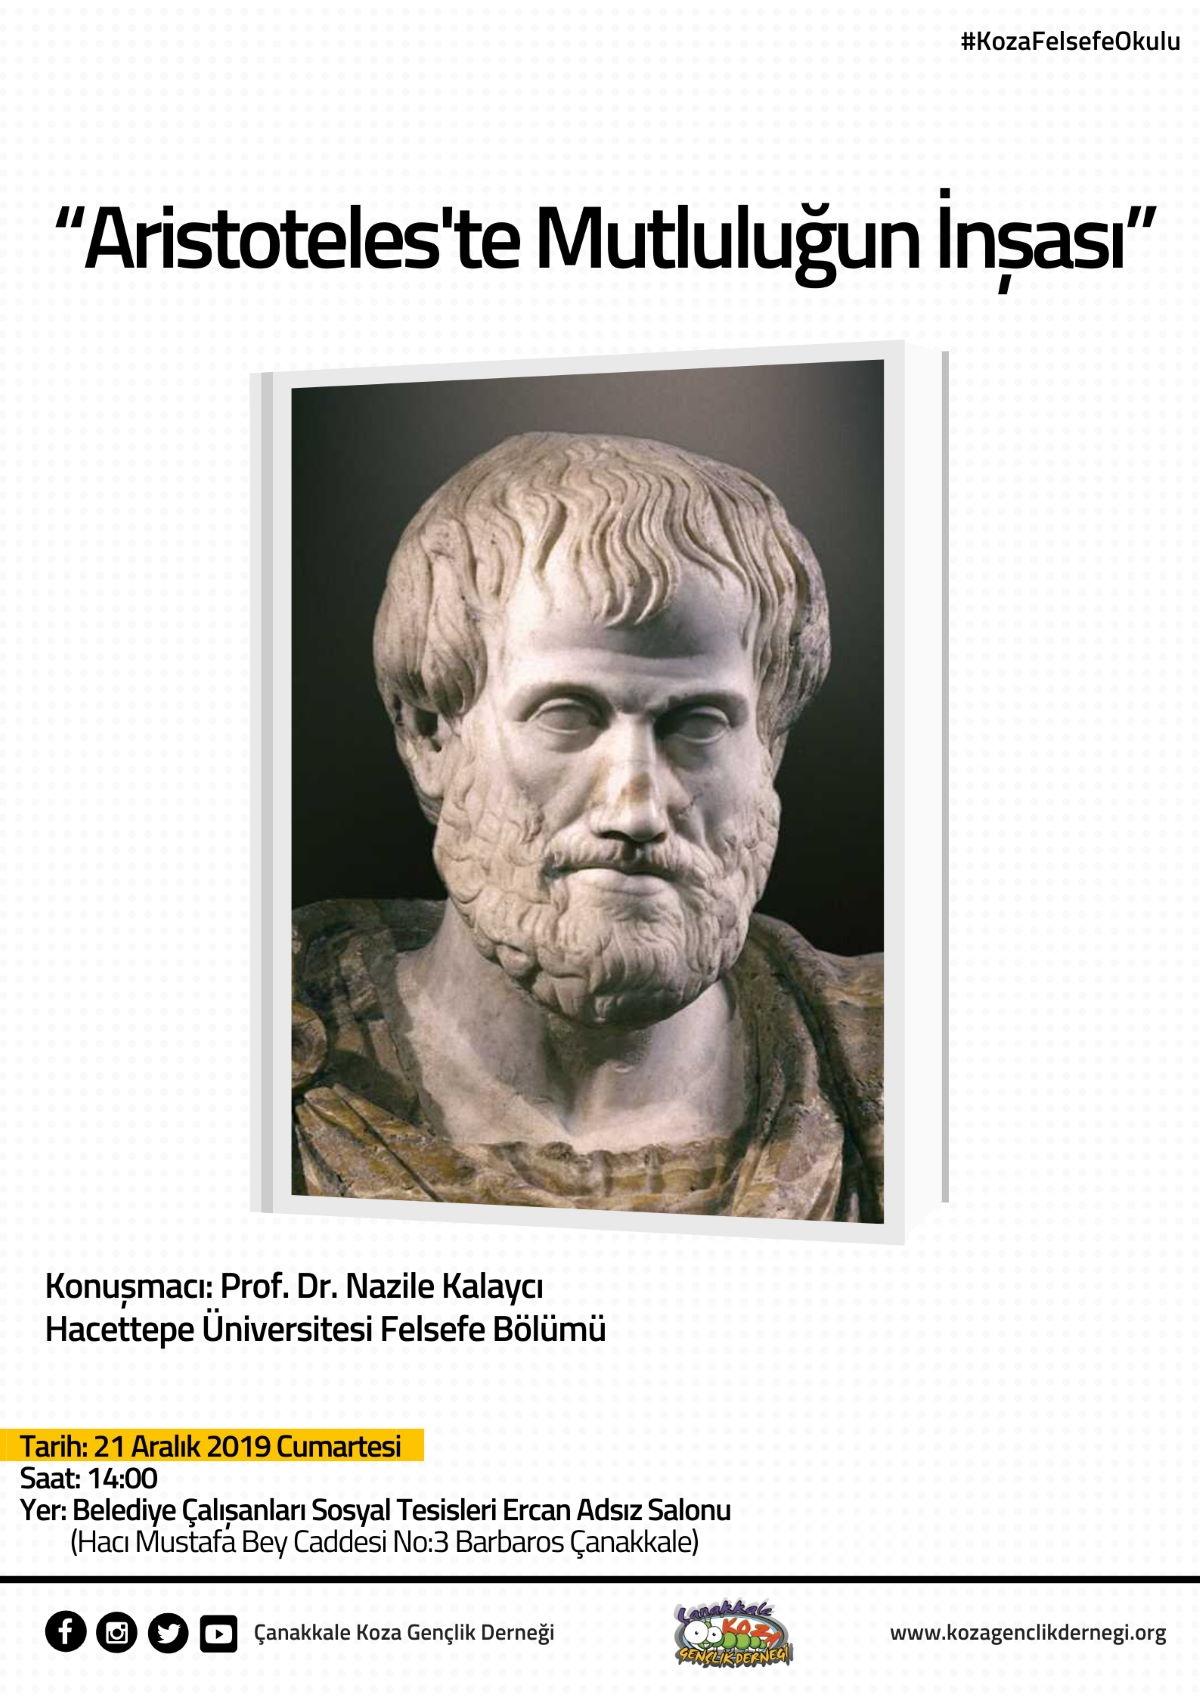 Koza Felsefe Okulu | Aristoteles'te Mutluluğun İnşası